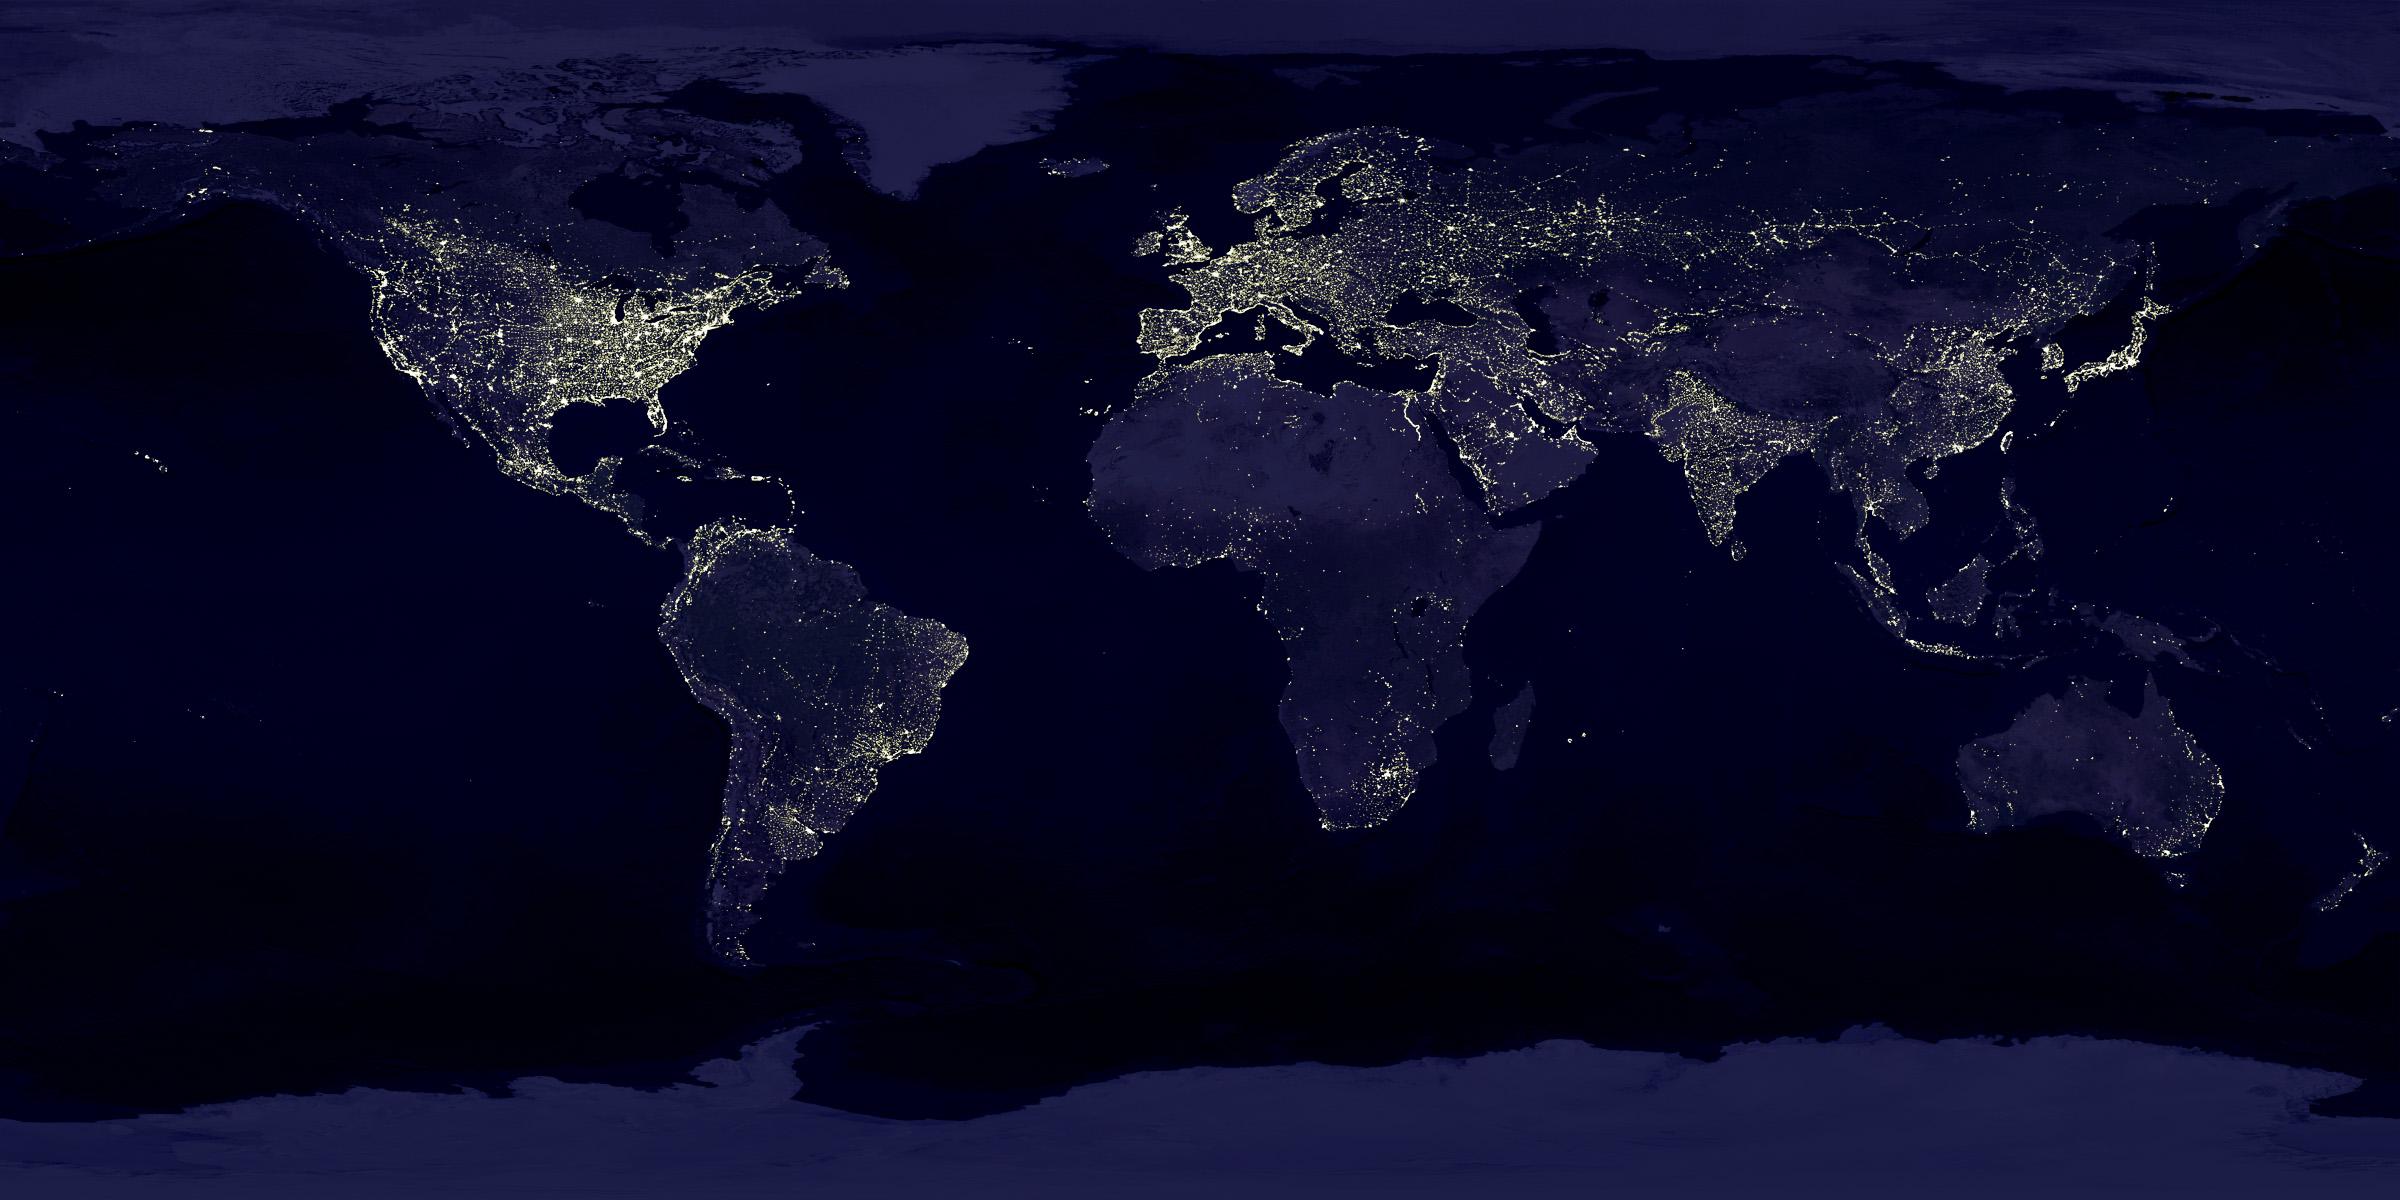 NASA Visible Earth Earths City Lights 2400x1200